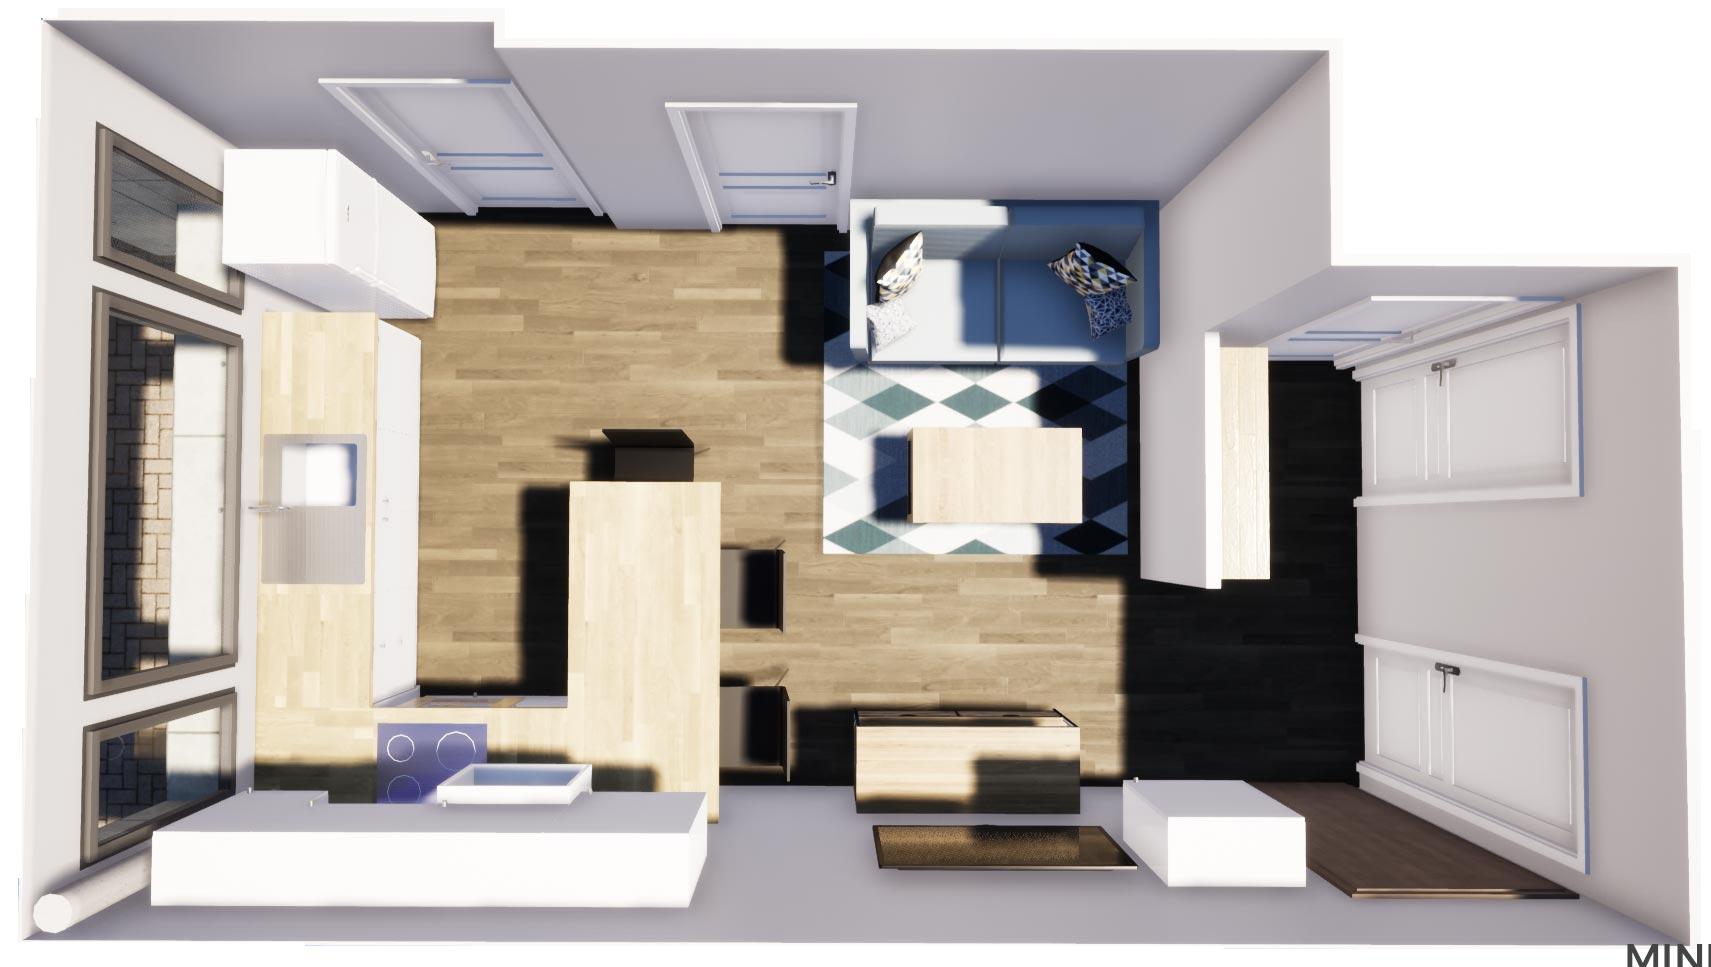 Mindae_3D_AS_immobilier_salon_cuisine_etudiant_colocation_investisseur_amenagement_interieur_caen_projet_B-(1)